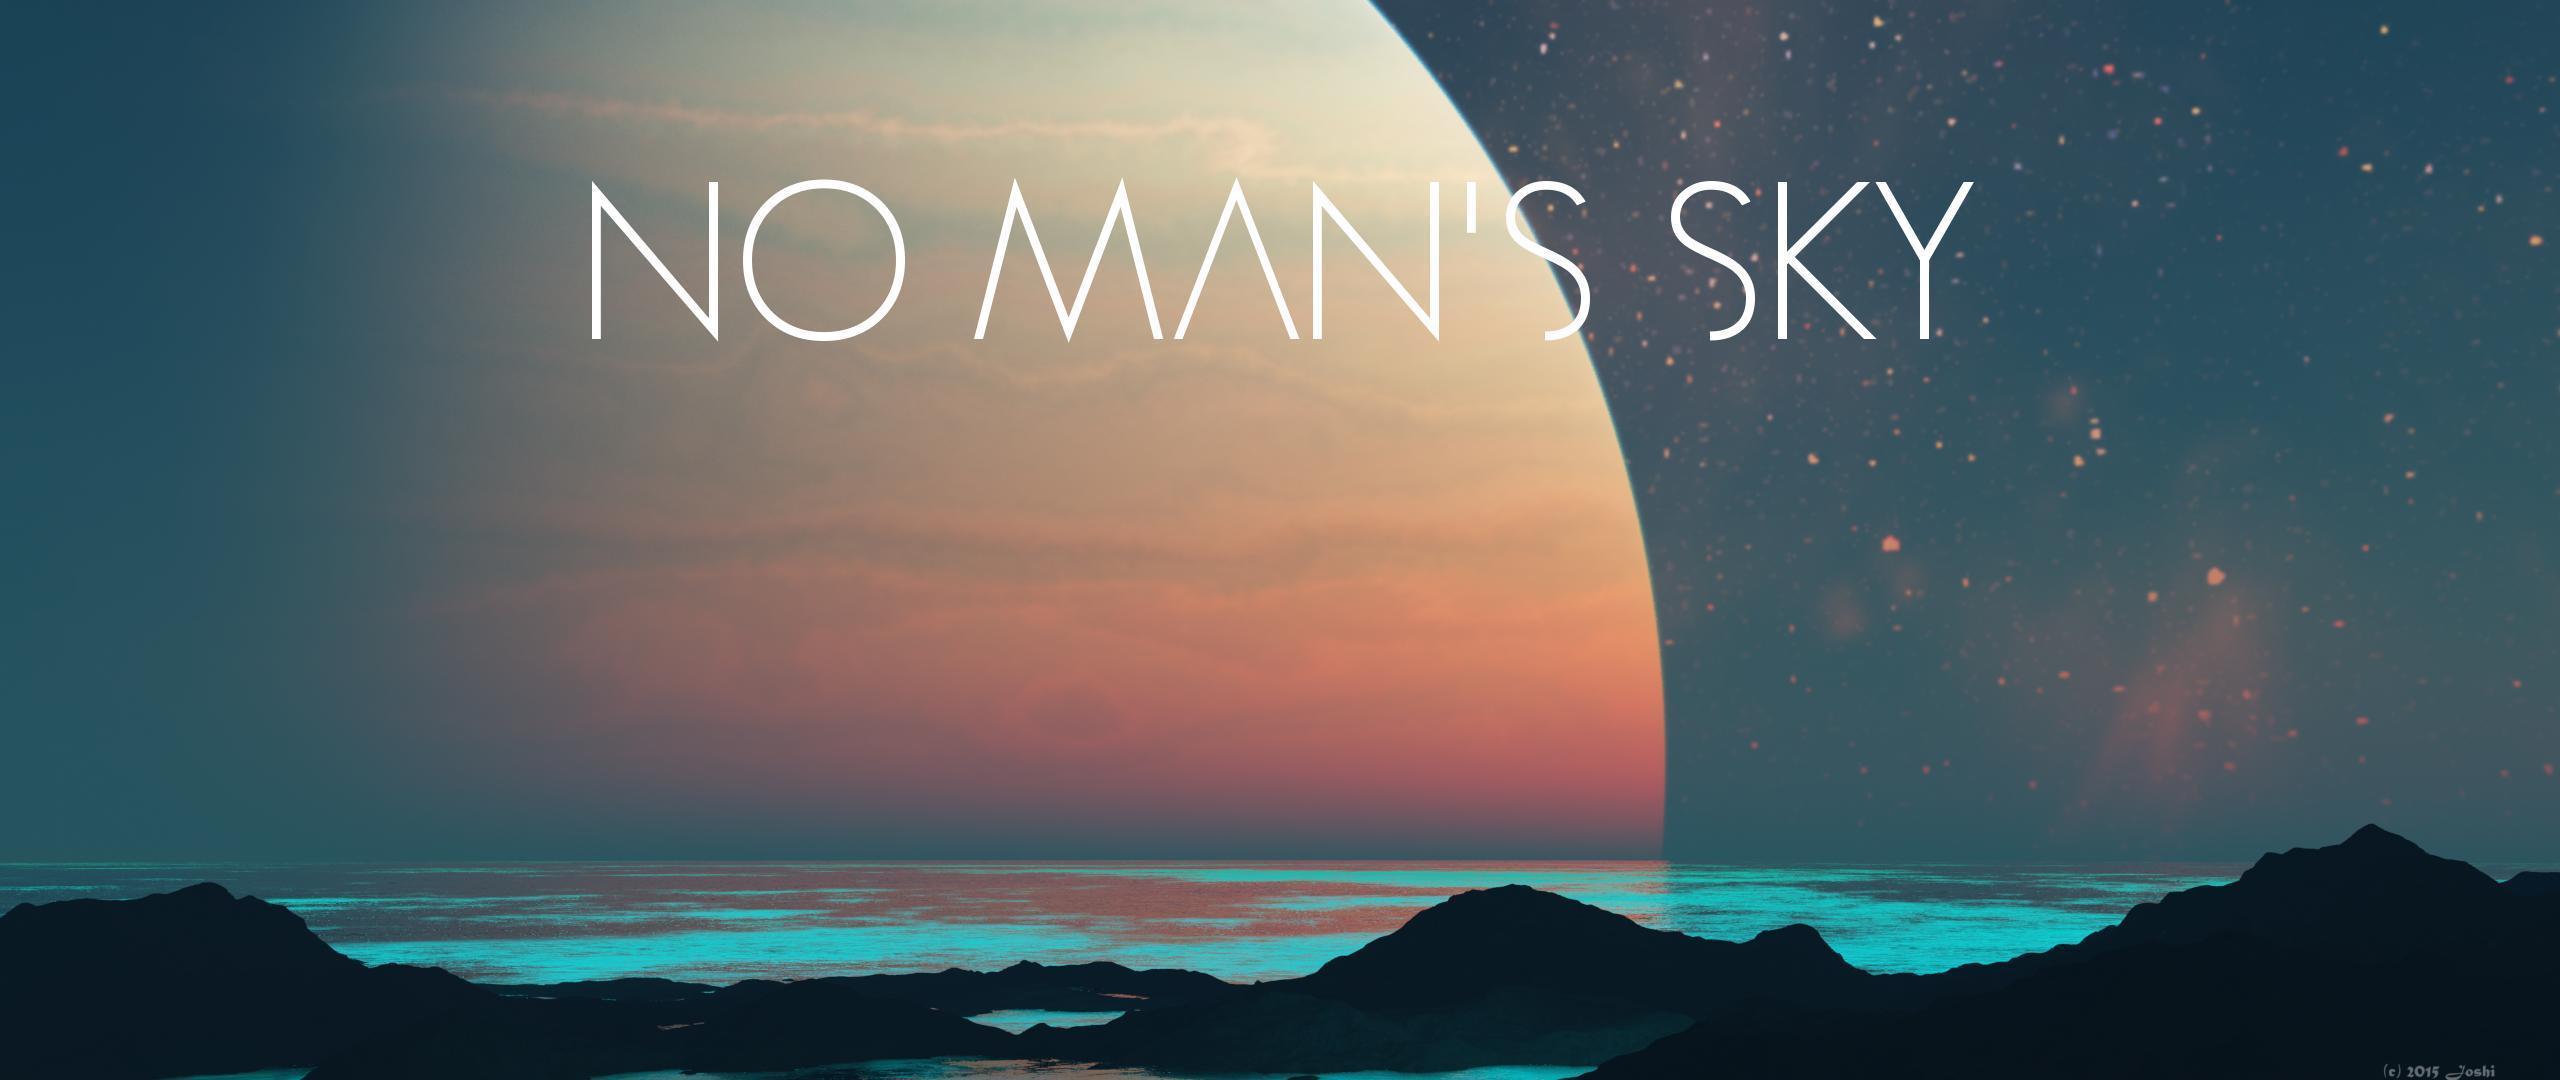 No Man's Sky Wallpapers - Wallpaper Cave